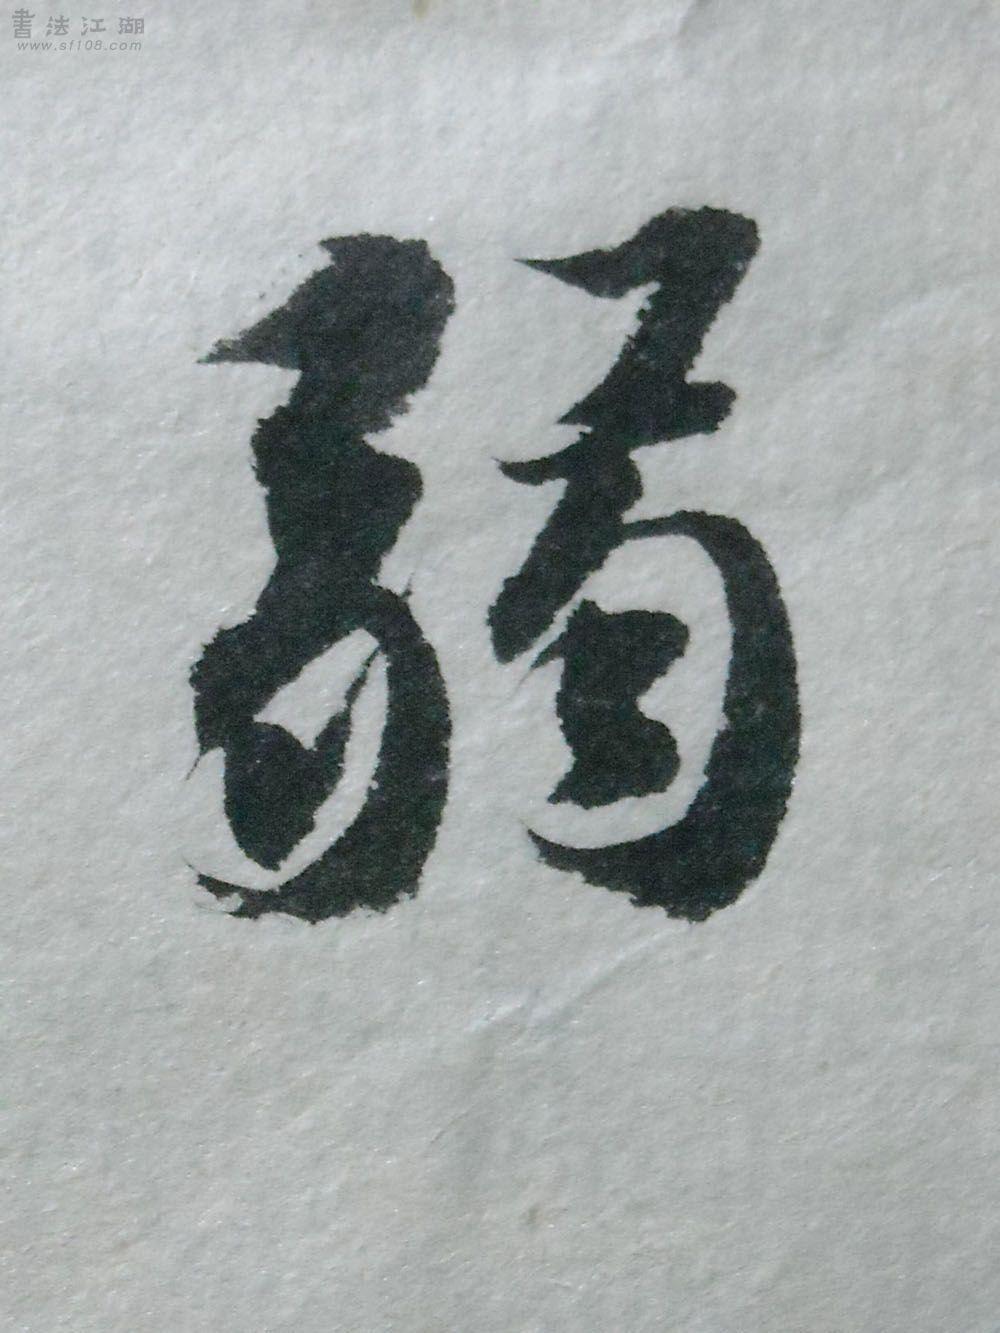 DSCN2172.JPG